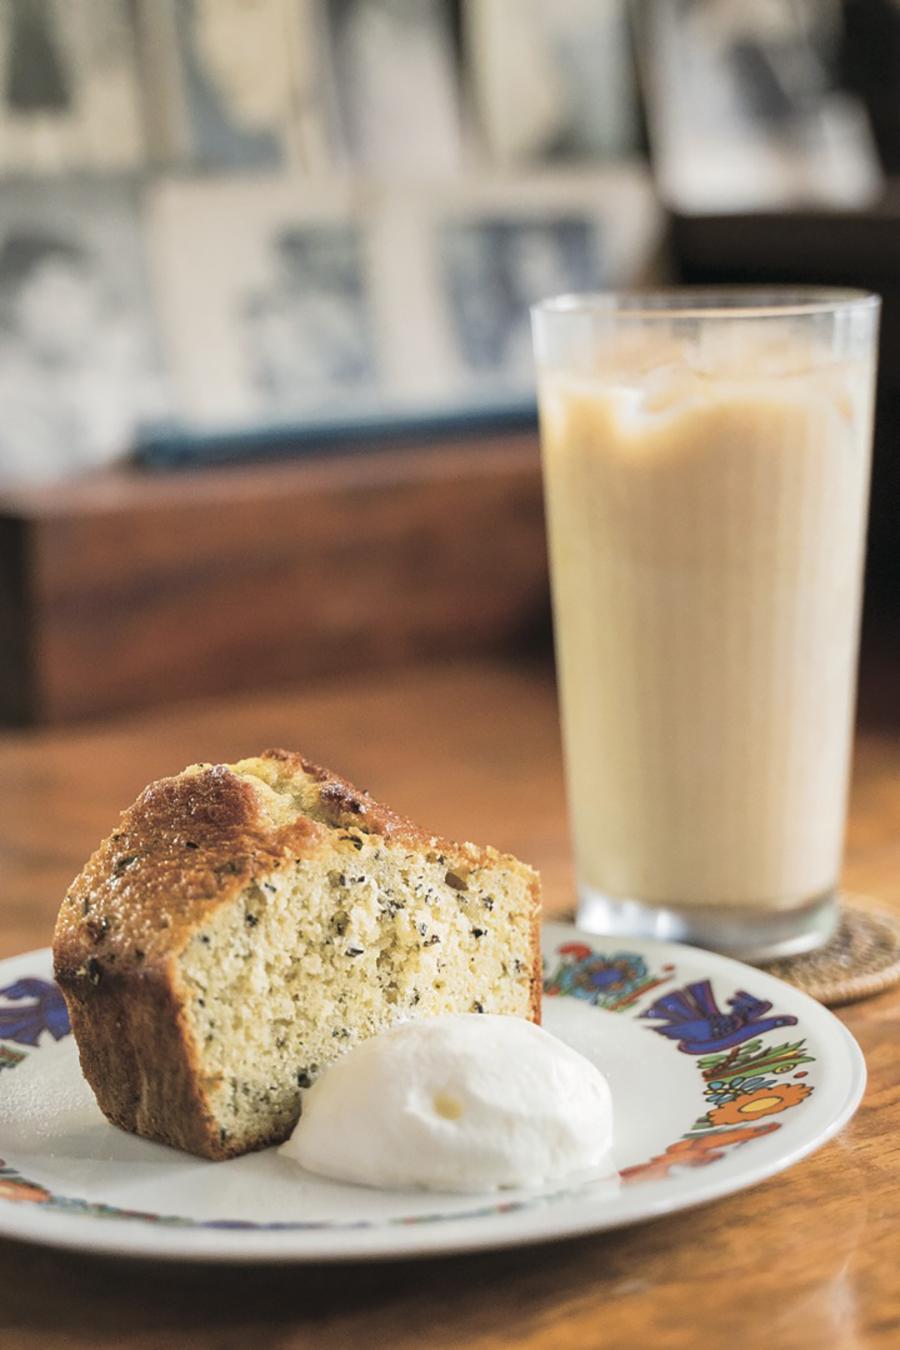 トンボロ 「アールグレイのパウンドケーキ」450円と「アイスほうじ茶ラテ」650円